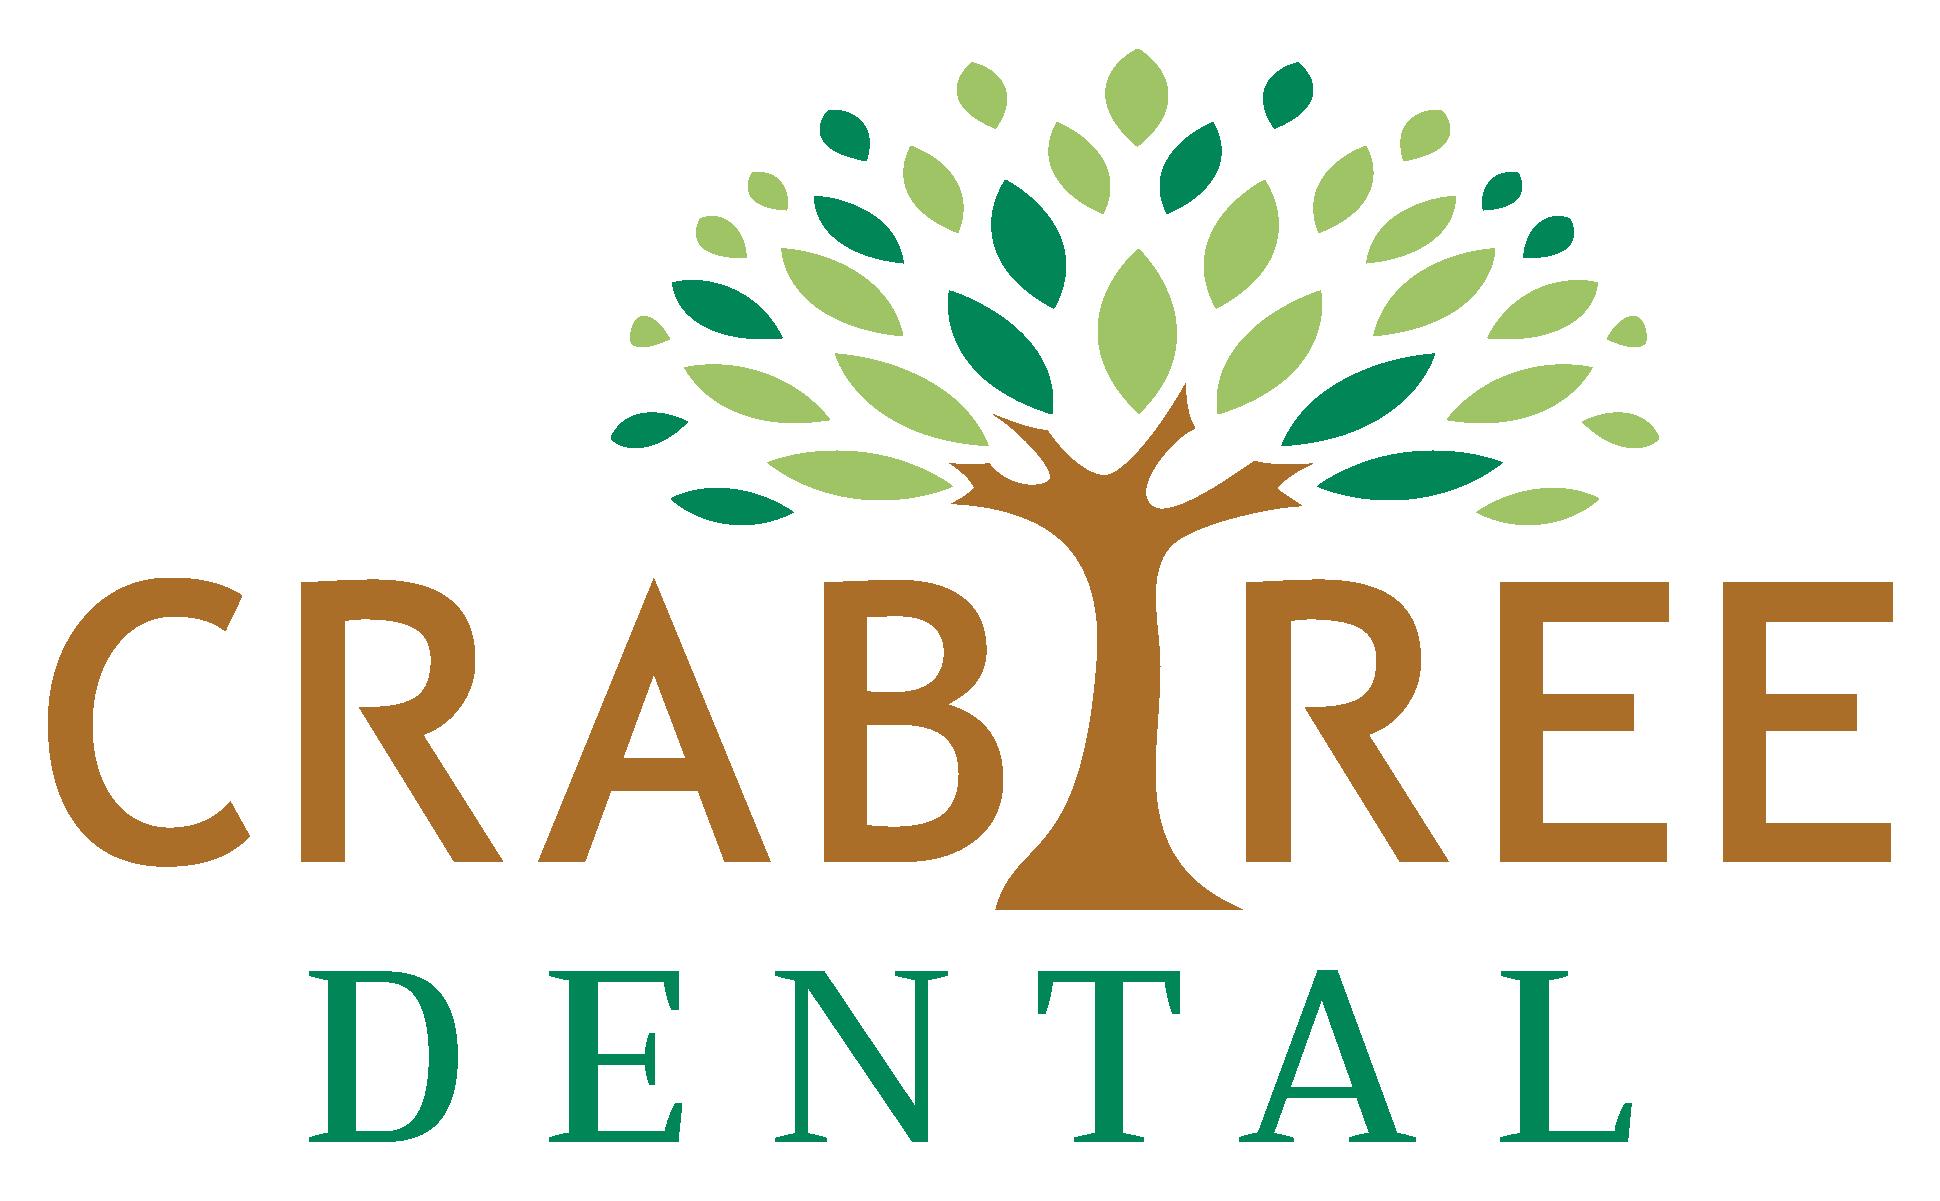 Crabtree Dental